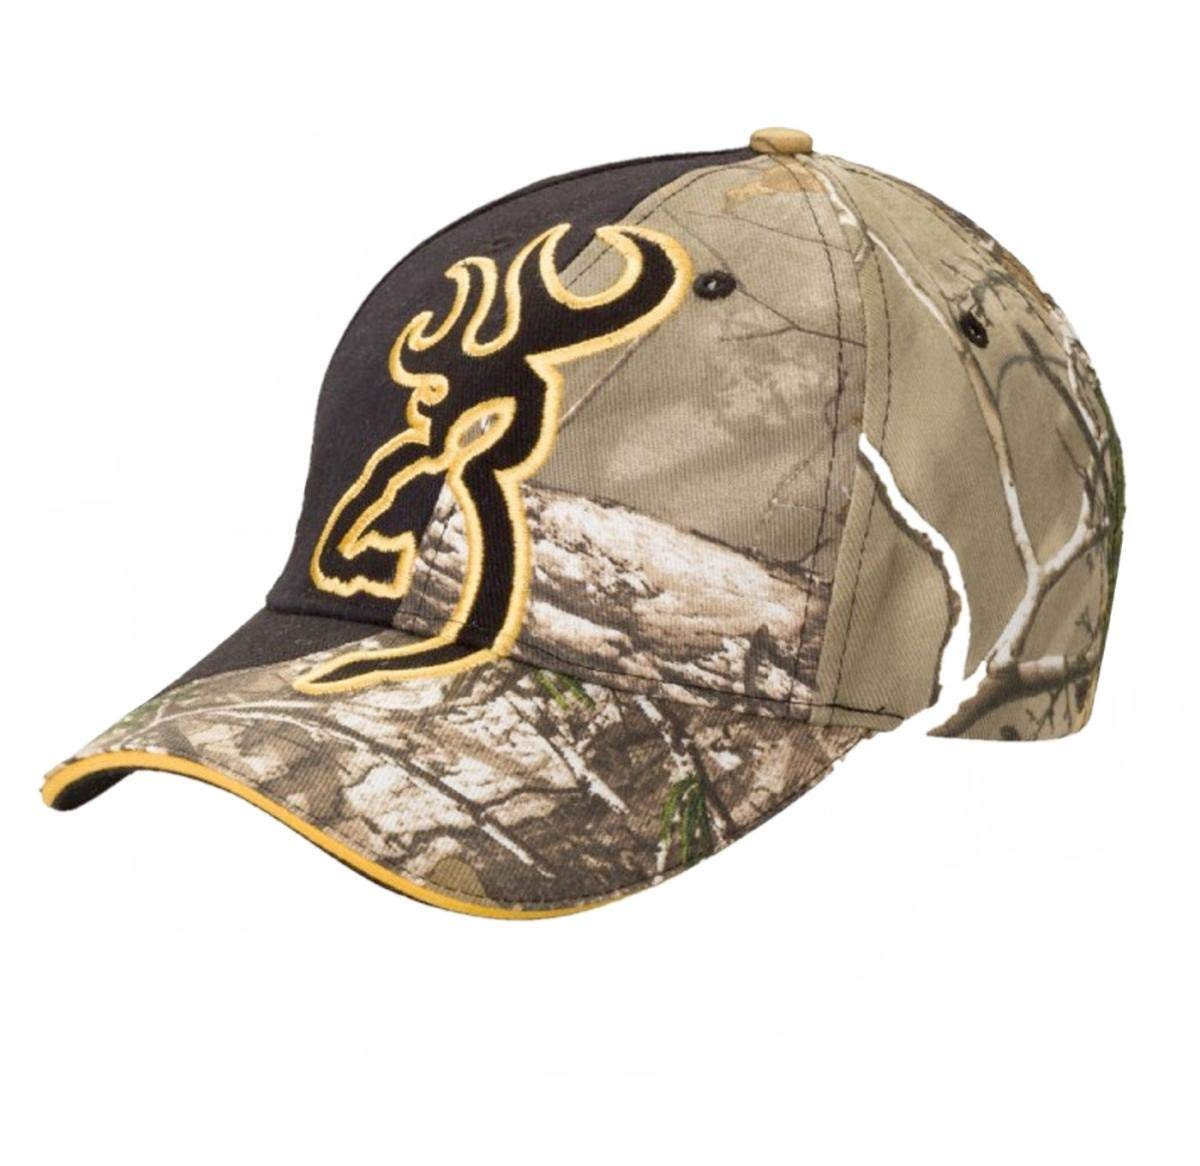 0713dd89912 Get Quotations · Browning Big Buckmark Cap Hat